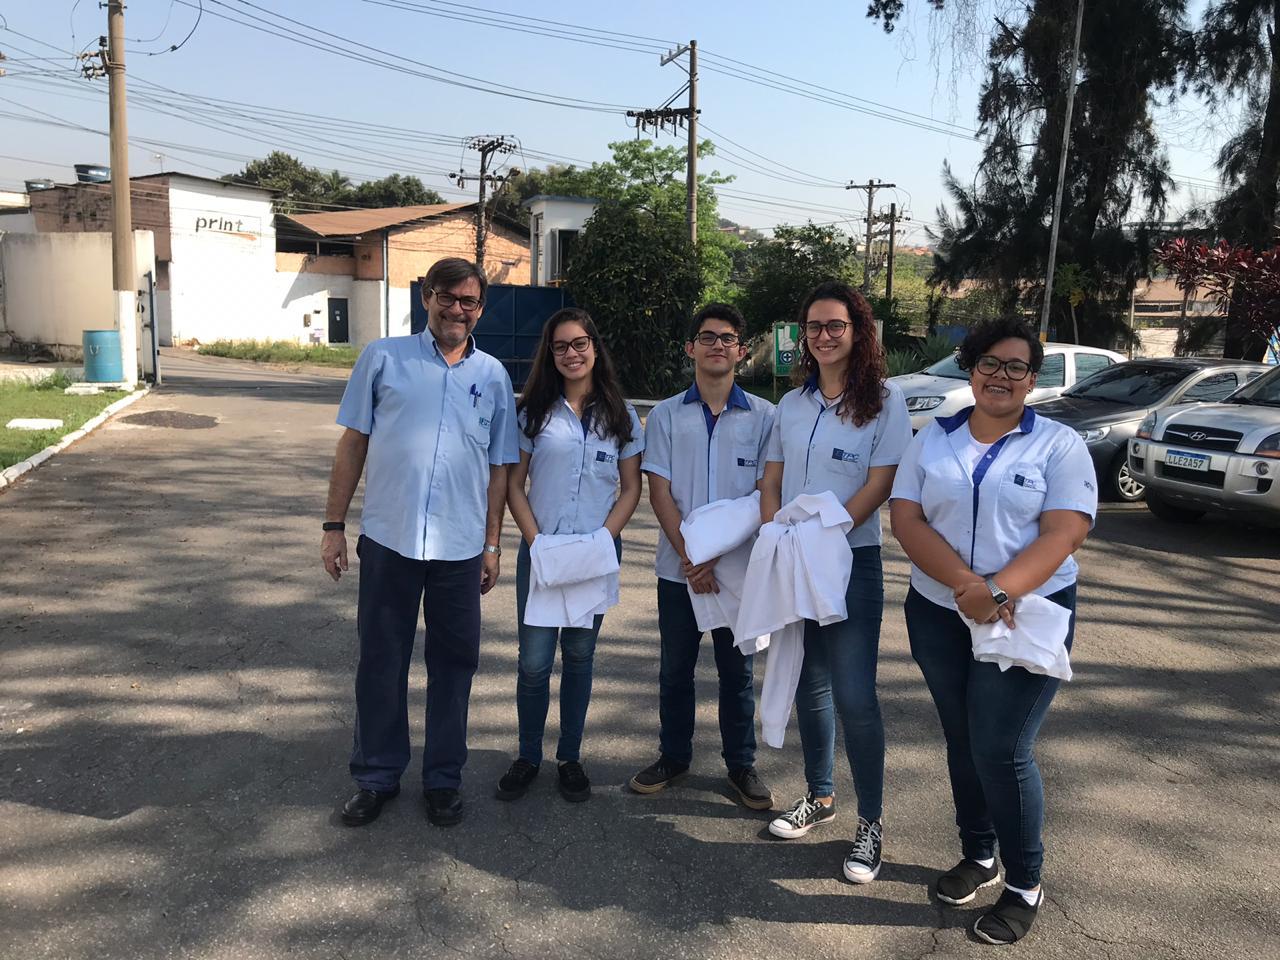 Visita de alunos da ETPC à SAAE-VR